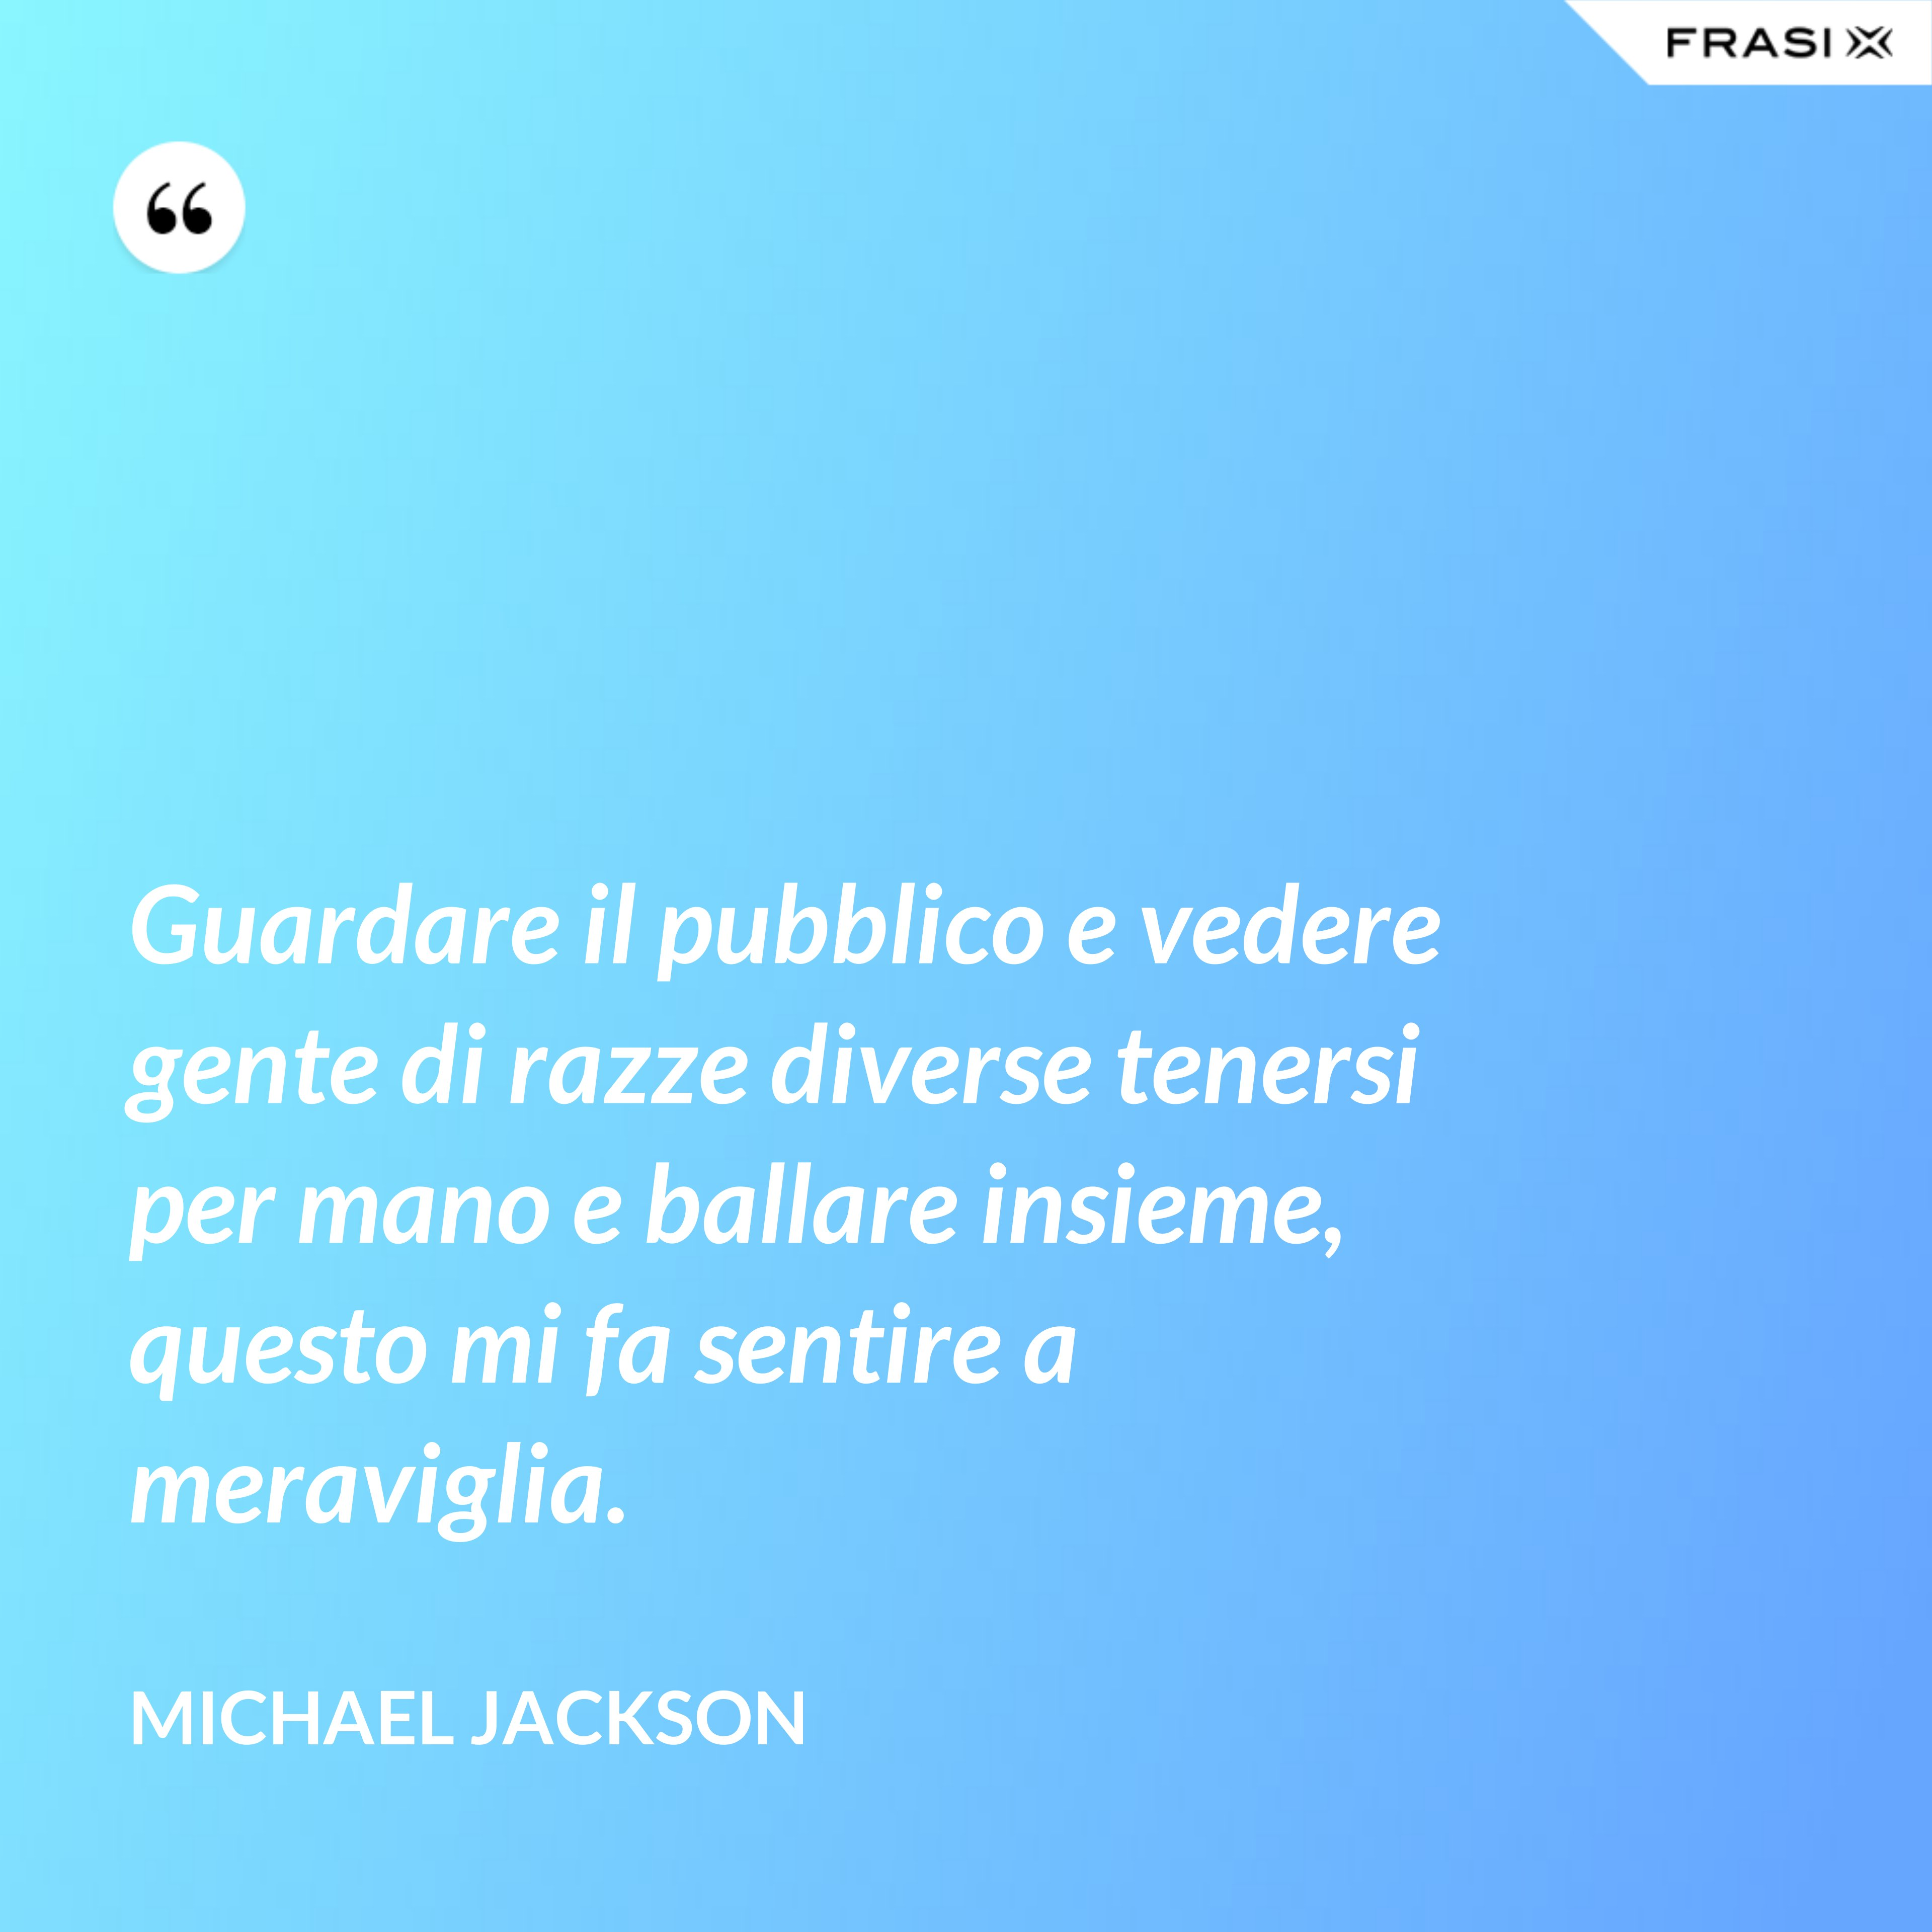 Guardare il pubblico e vedere gente di razze diverse tenersi per mano e ballare insieme, questo mi fa sentire a meraviglia. - Michael Jackson